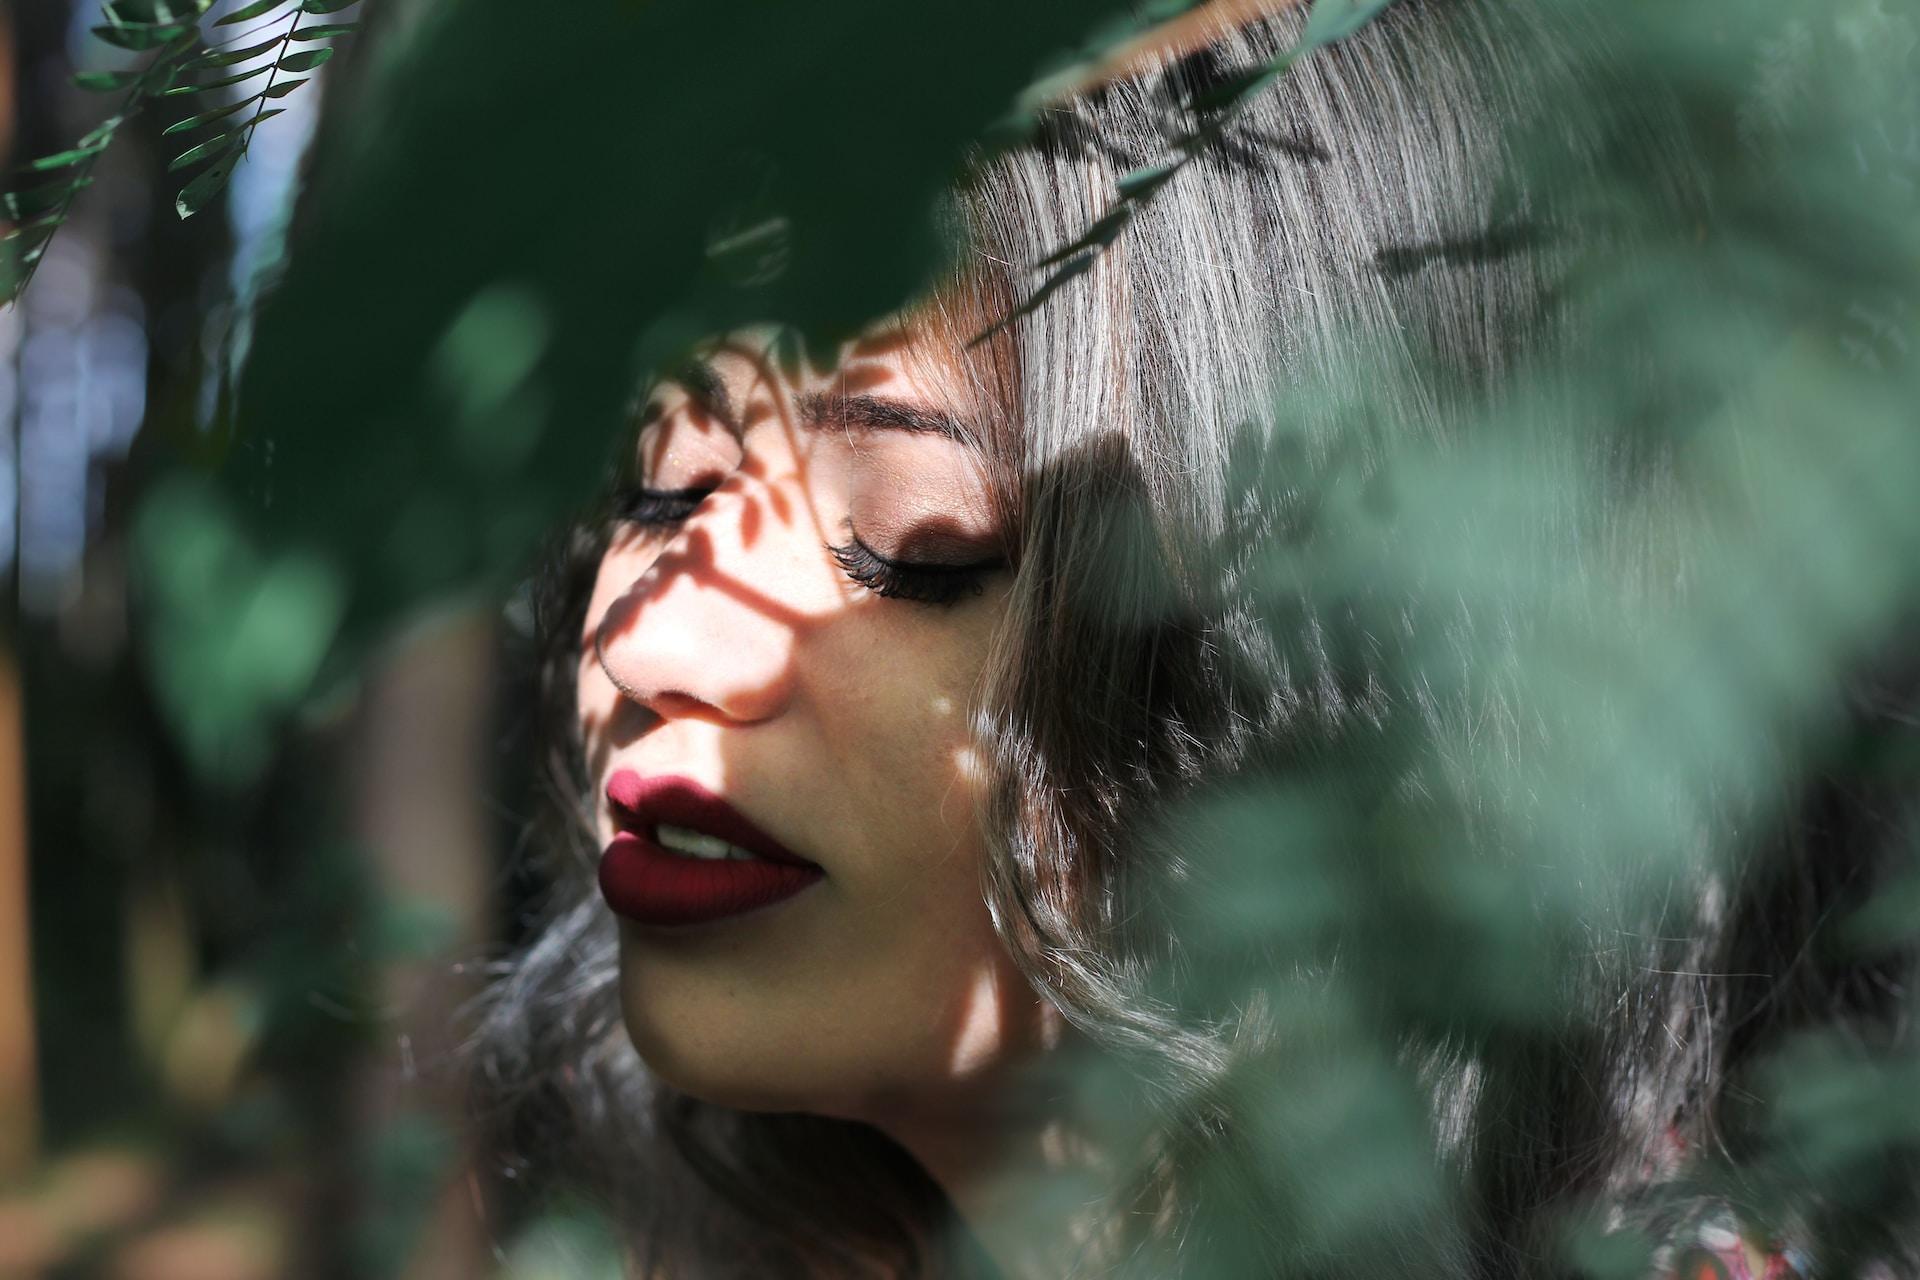 woman closing eye near leaf